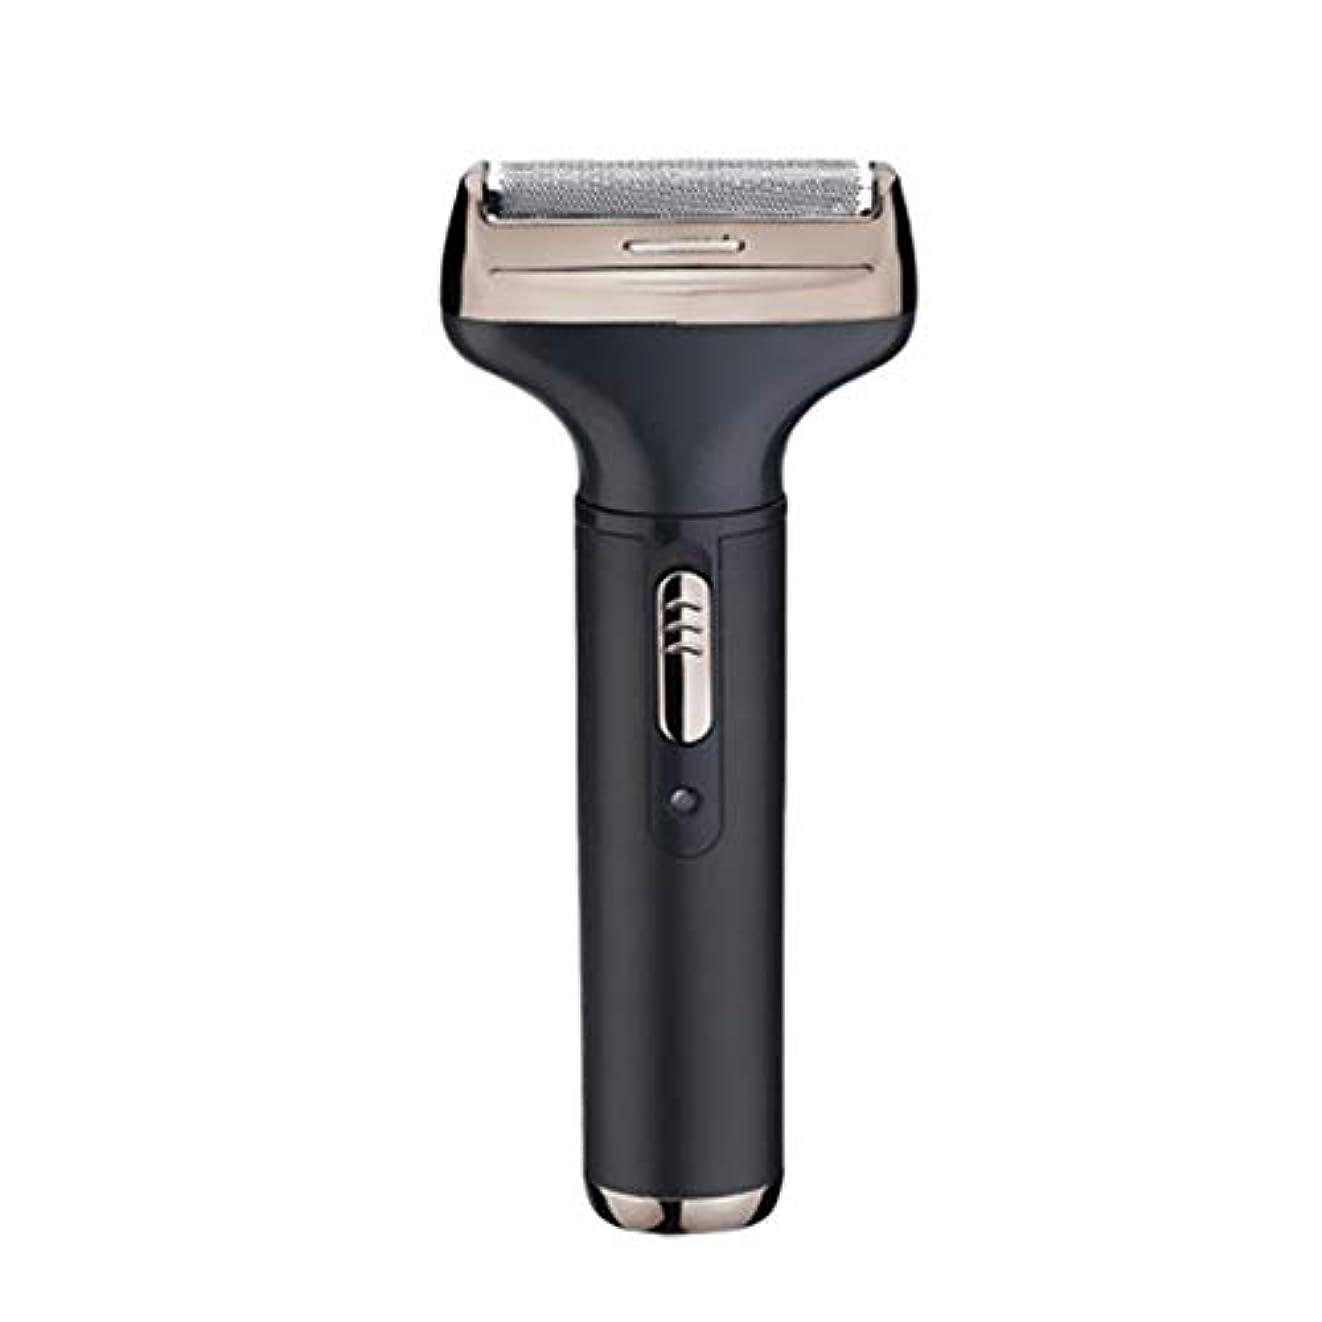 高速道路肌寒い排気電動鼻毛トリマーのワンボタンデザインは、使いやすく快適で使いやすい独自の切断システムにより、鼻から余分な髪を効果的かつ快適に除去します